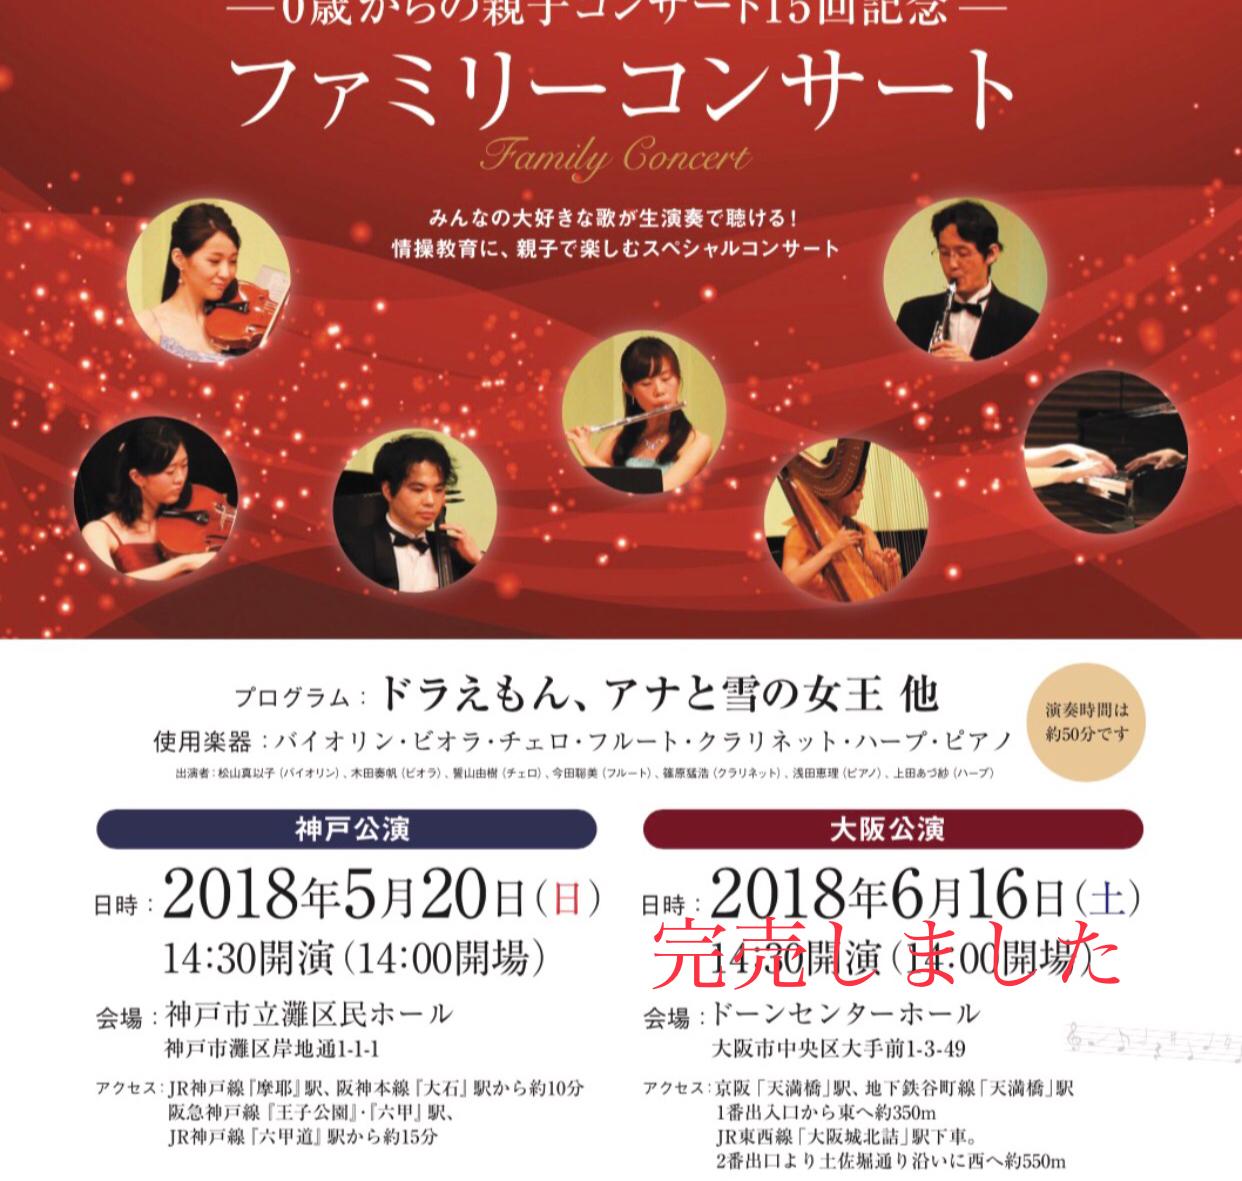 【ファミリーコンサート】~0歳からの親子コンサート15回記念~ 大阪公演